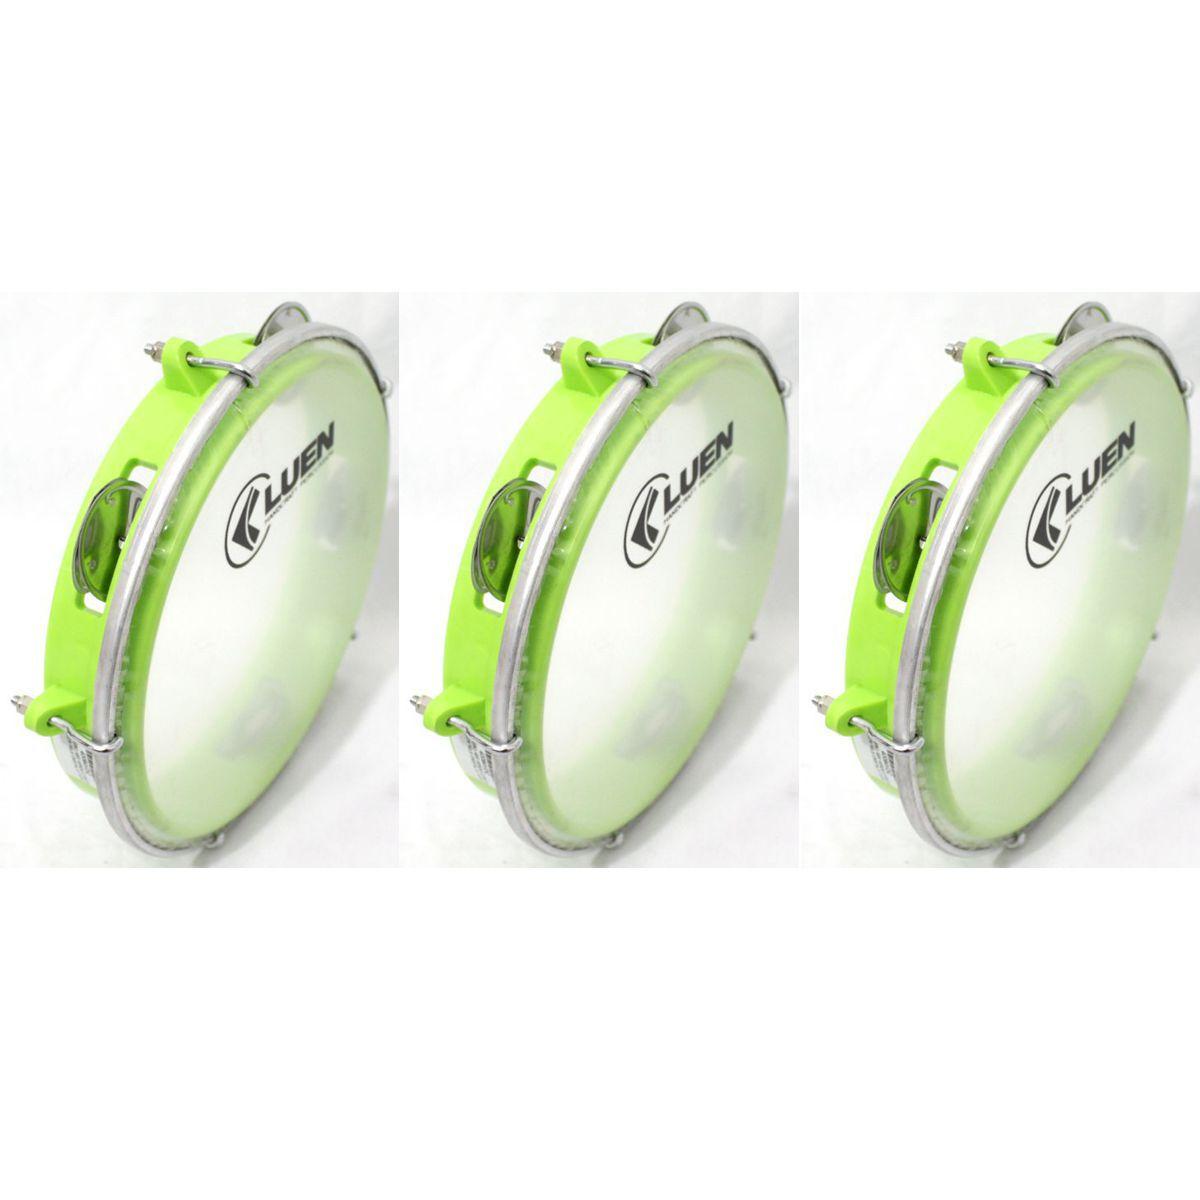 Pandeiro Luen 8 Junior ARO ABS Verde Pele Cristal - 40084VDC - Pacote com 03 Unidades